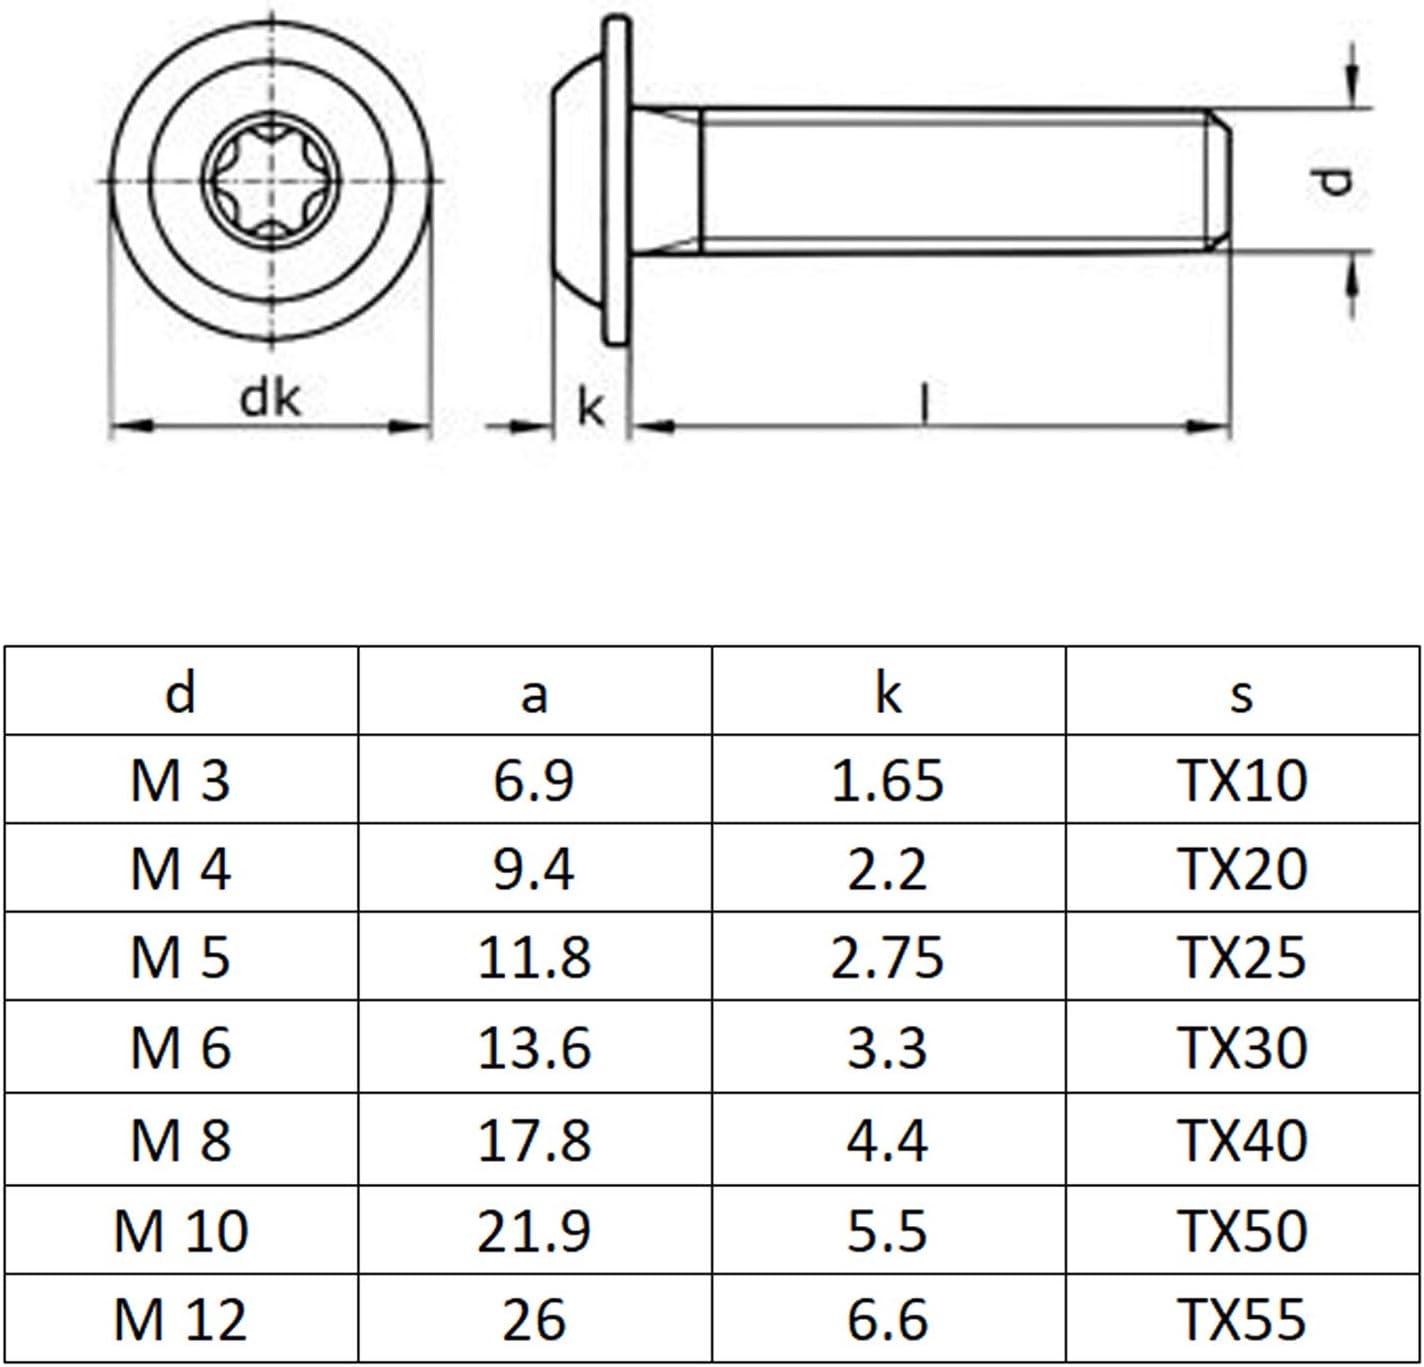 ISO 7380 ISR rostfreier Edelstahl A2 V2A 30 St/ück BiBa-Schrauben Linsenschrauben M3x3 | Vollgewinde Linsenkopfschraube Flansch Flachkopfschrauben | Innensechsrund TX